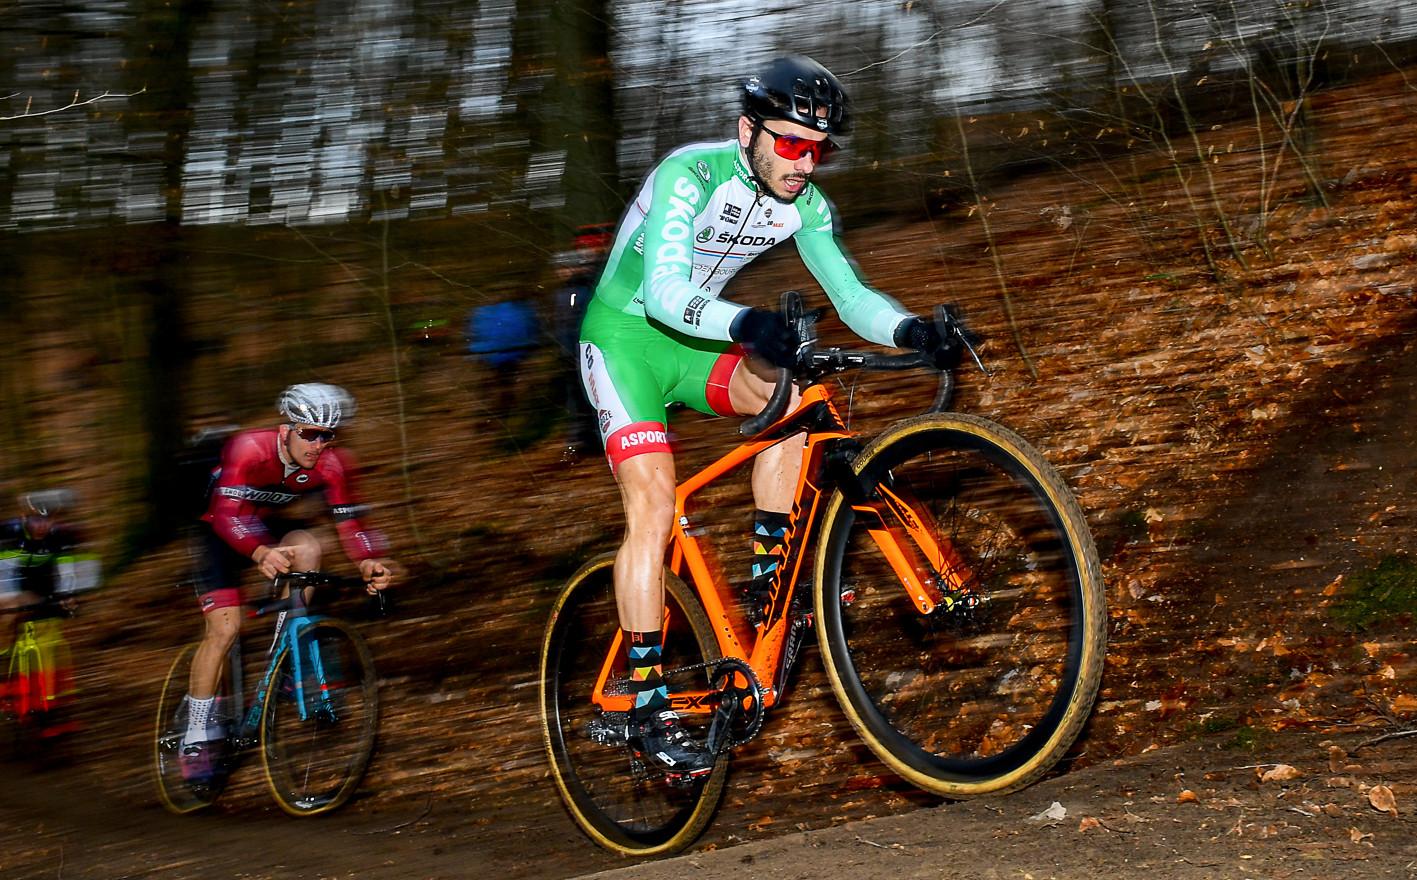 Vincent Dias Dos Santos (L) at the Cyclocross-Race in Alzingen (L)